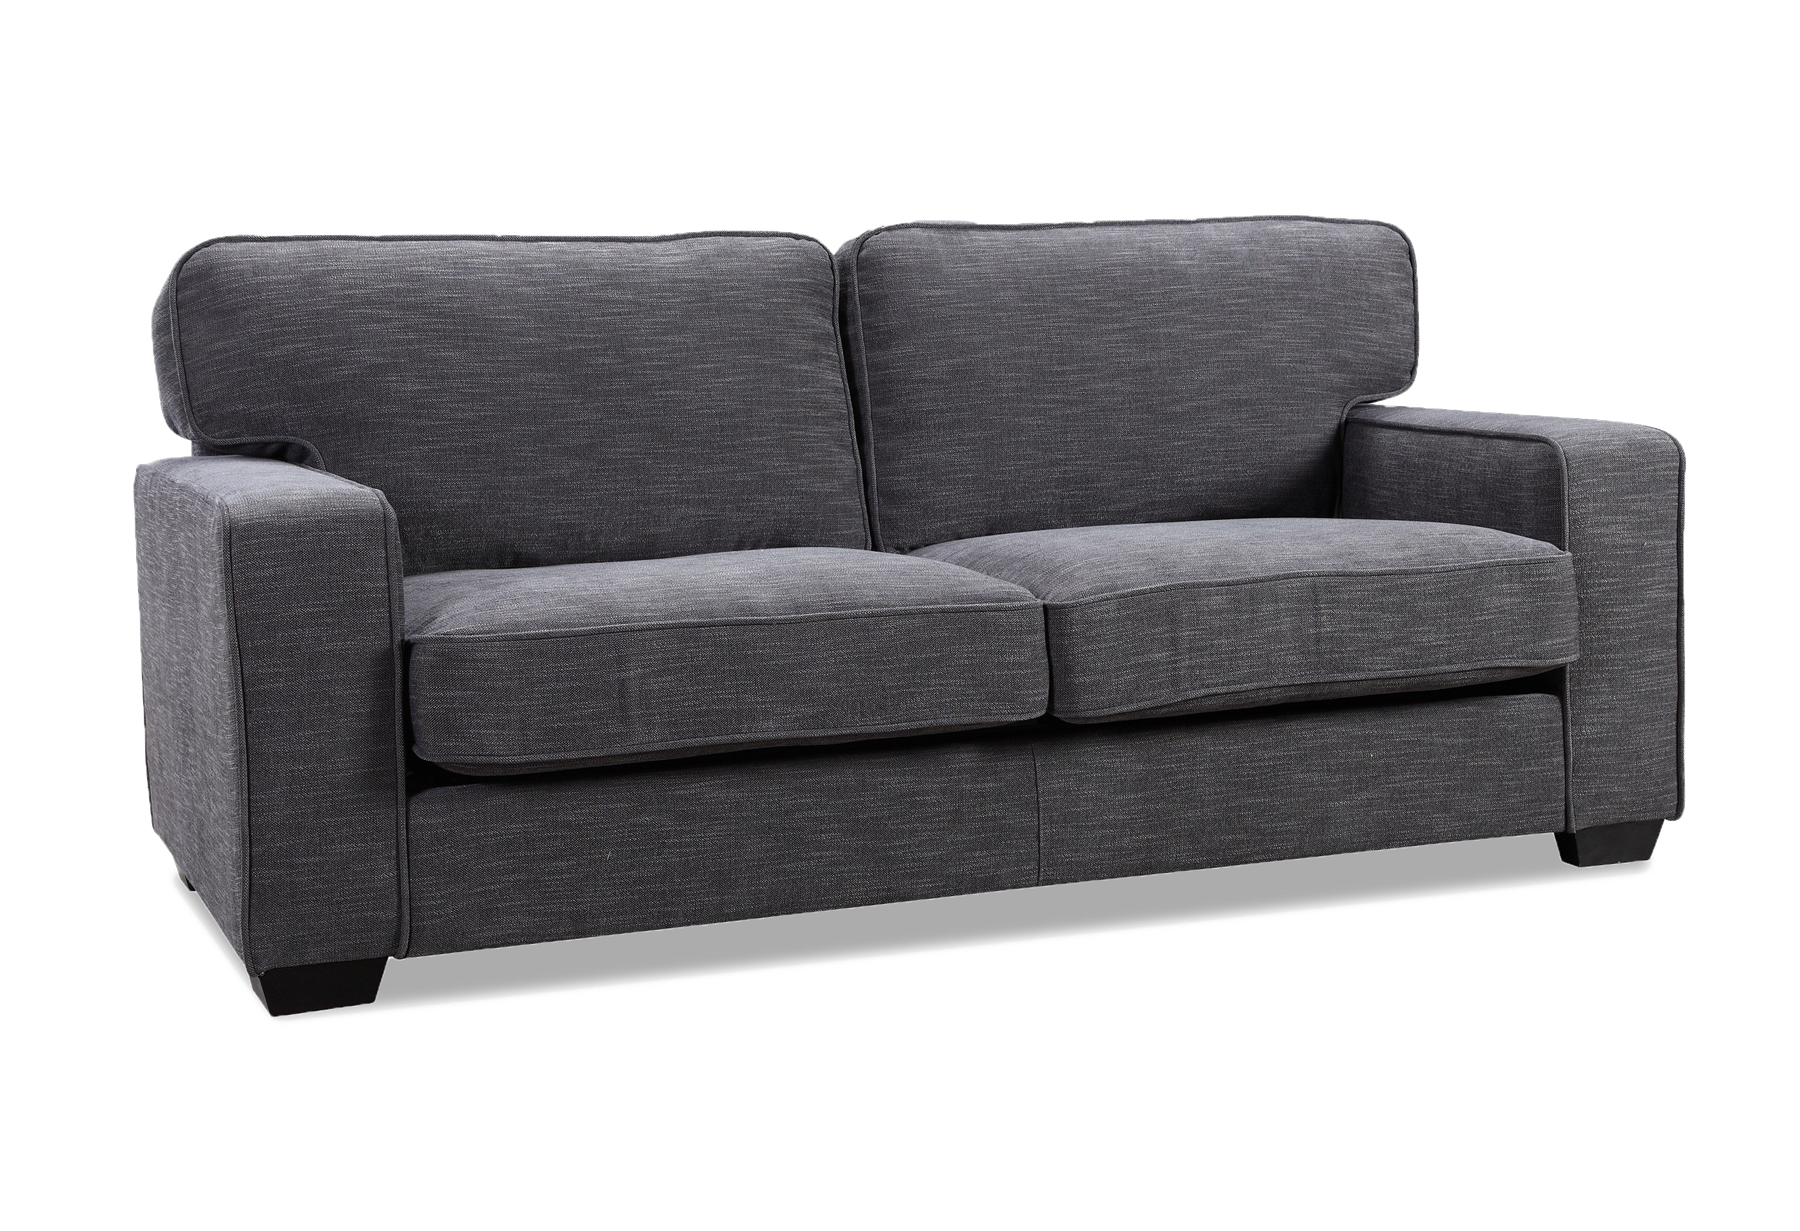 Sofa Bed PNG HD.